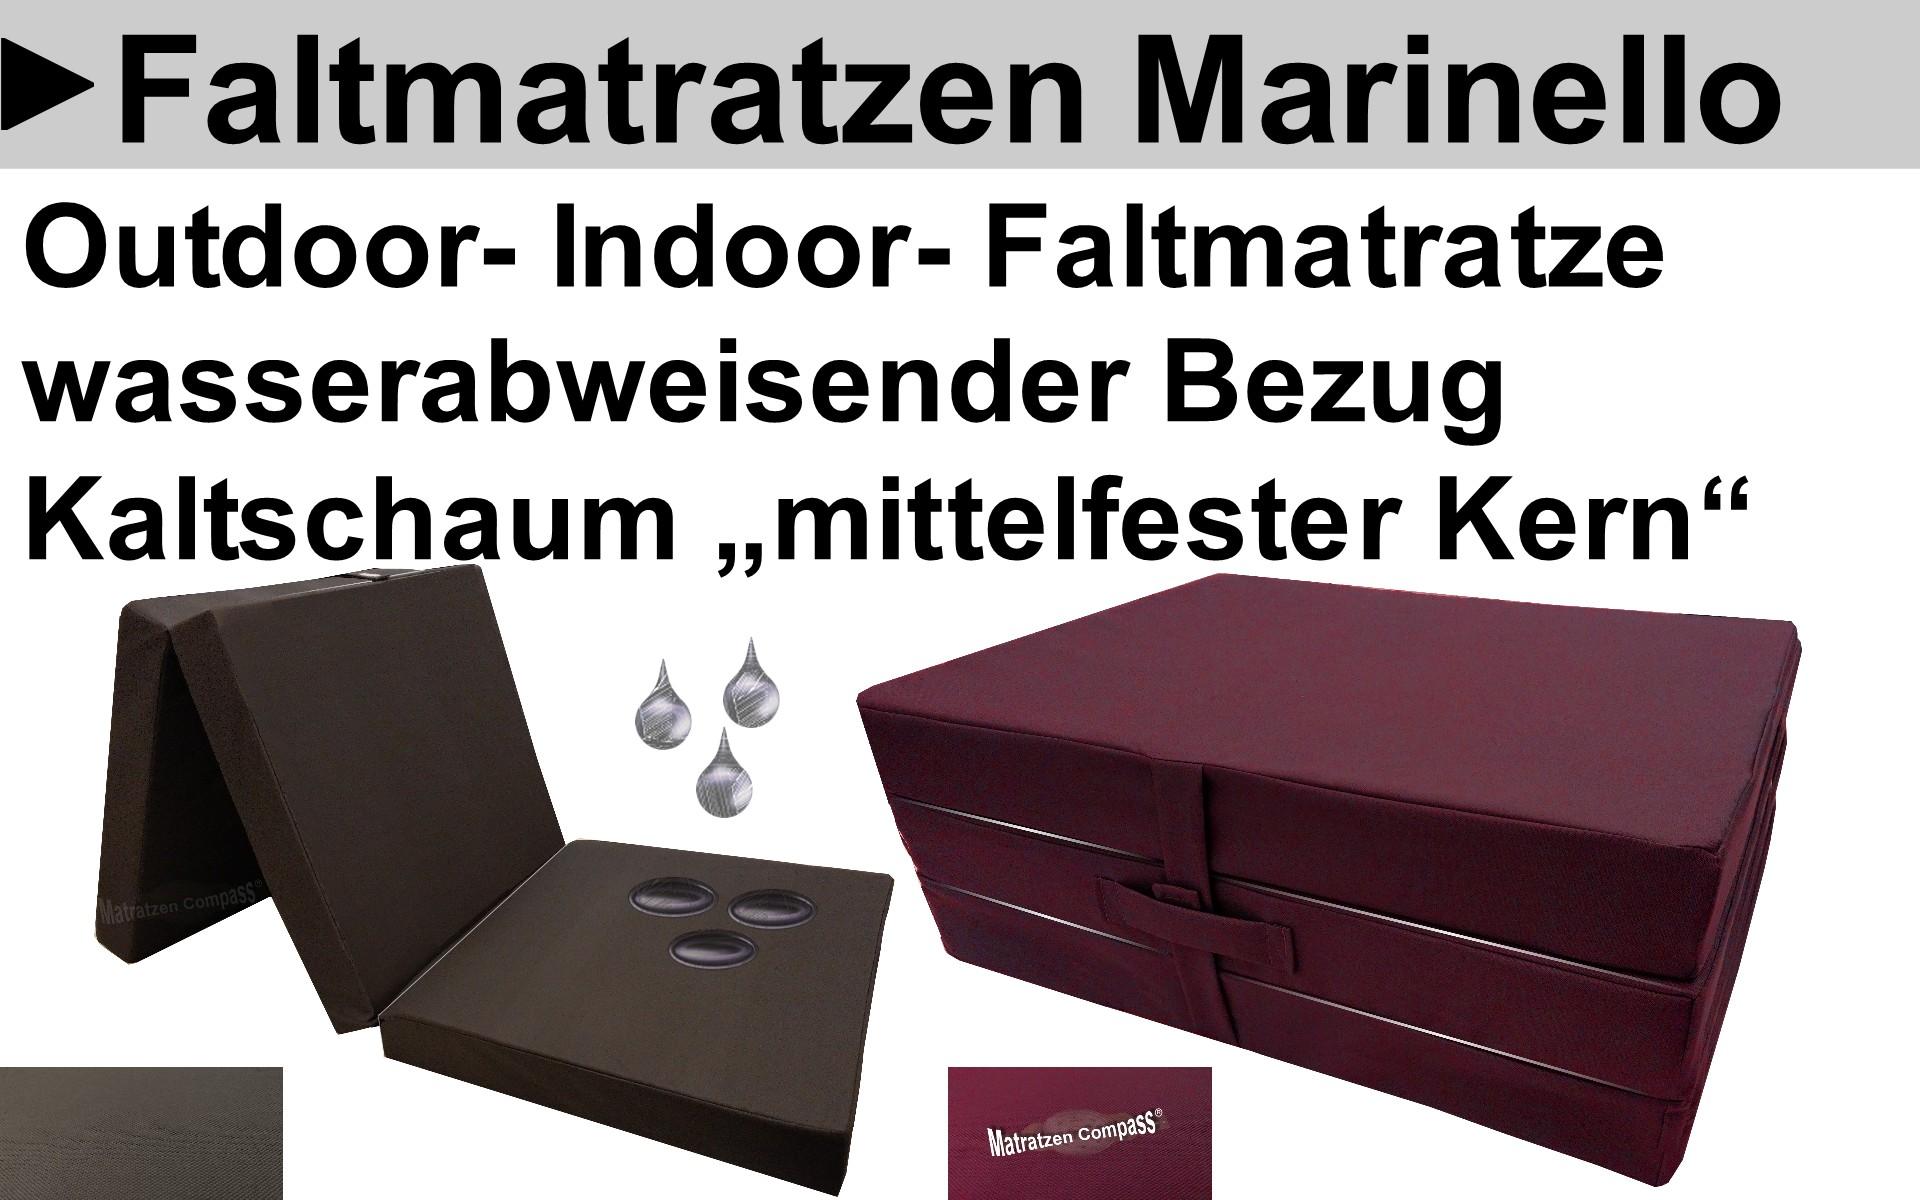 Outdoorfaltnatratze-Marinello_Outdoormatratzen-faltbar_Faltmatratzen-Gartenliegen_Faltbare-Auflagen-Outdoor_Faltmatratzen-regenfest_Faltmatratzen-Camping_Klappmatratzen-Camping_Mat